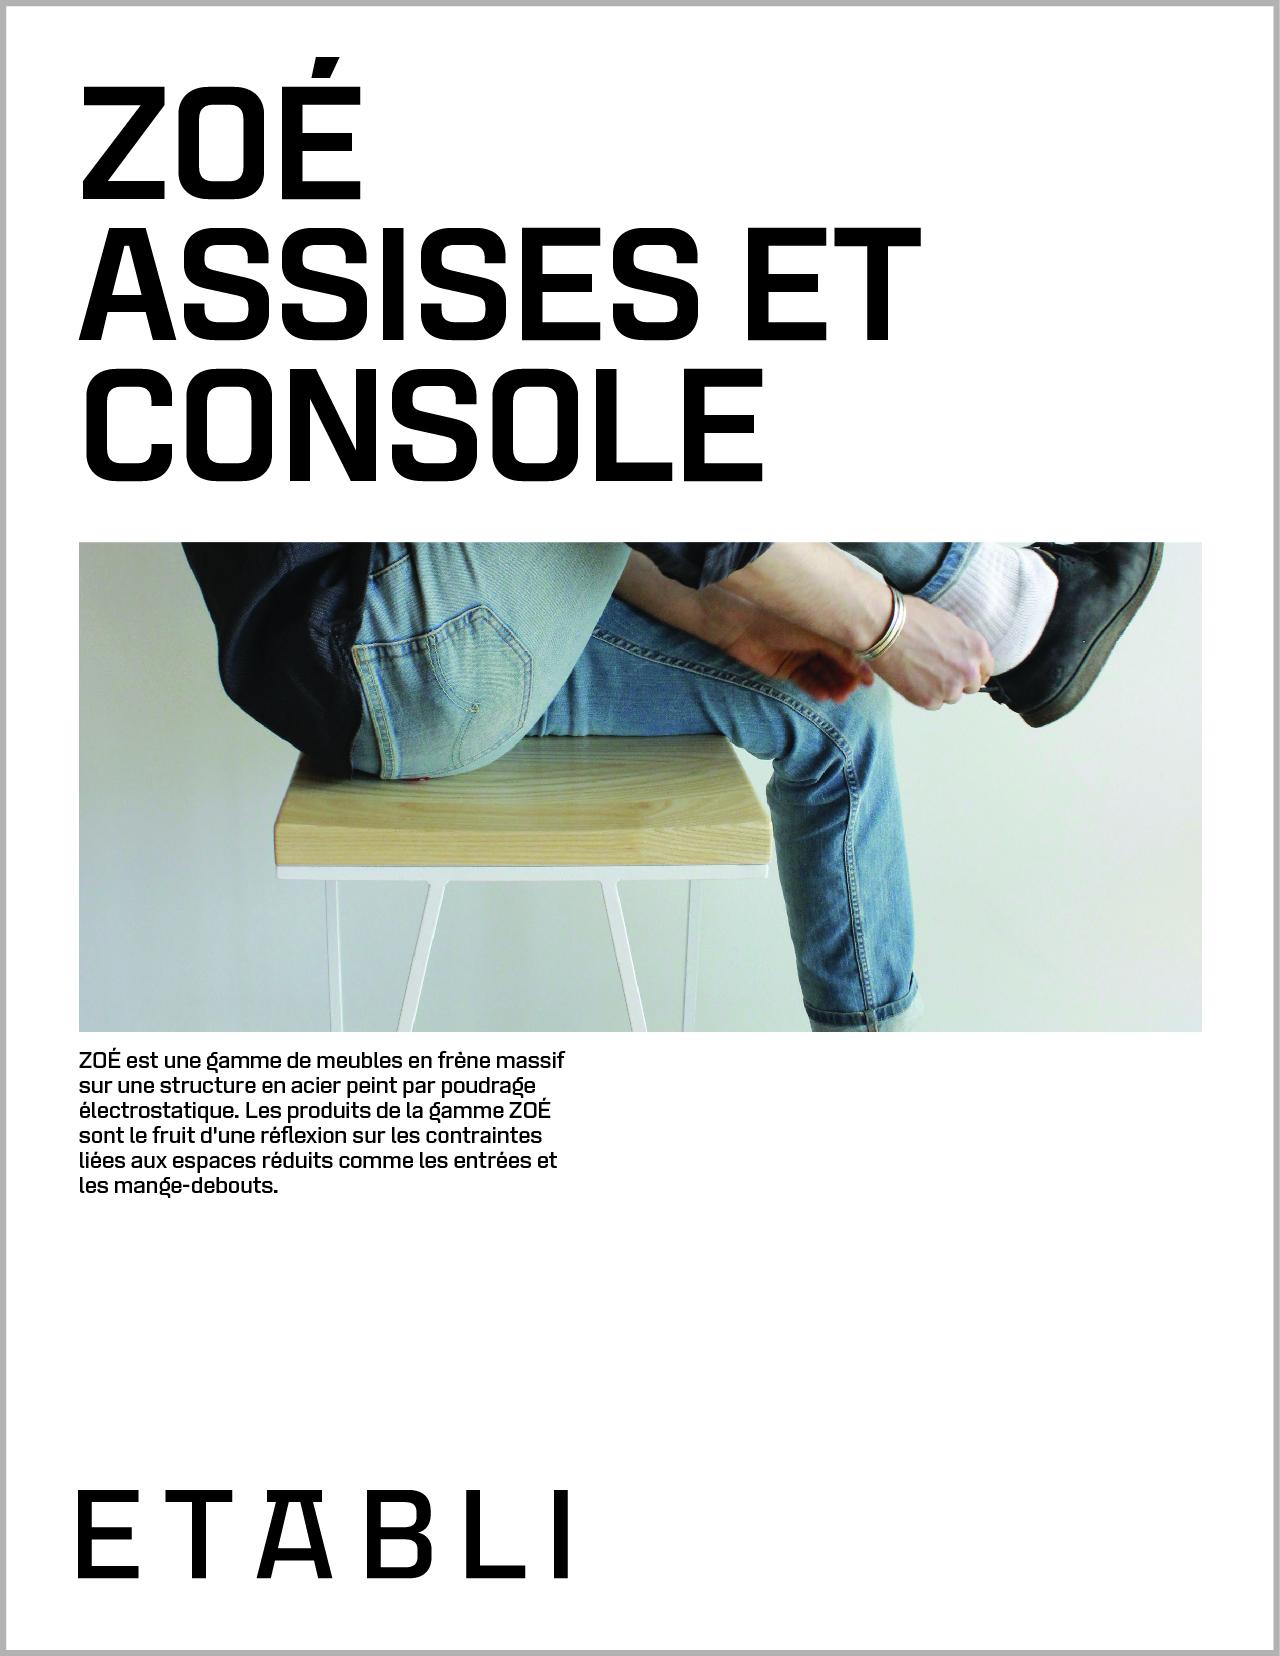 Le catalogue ZOÉ est   désormaistéléchargeable en ligne,  http://www.etabli.ca/catalogue/